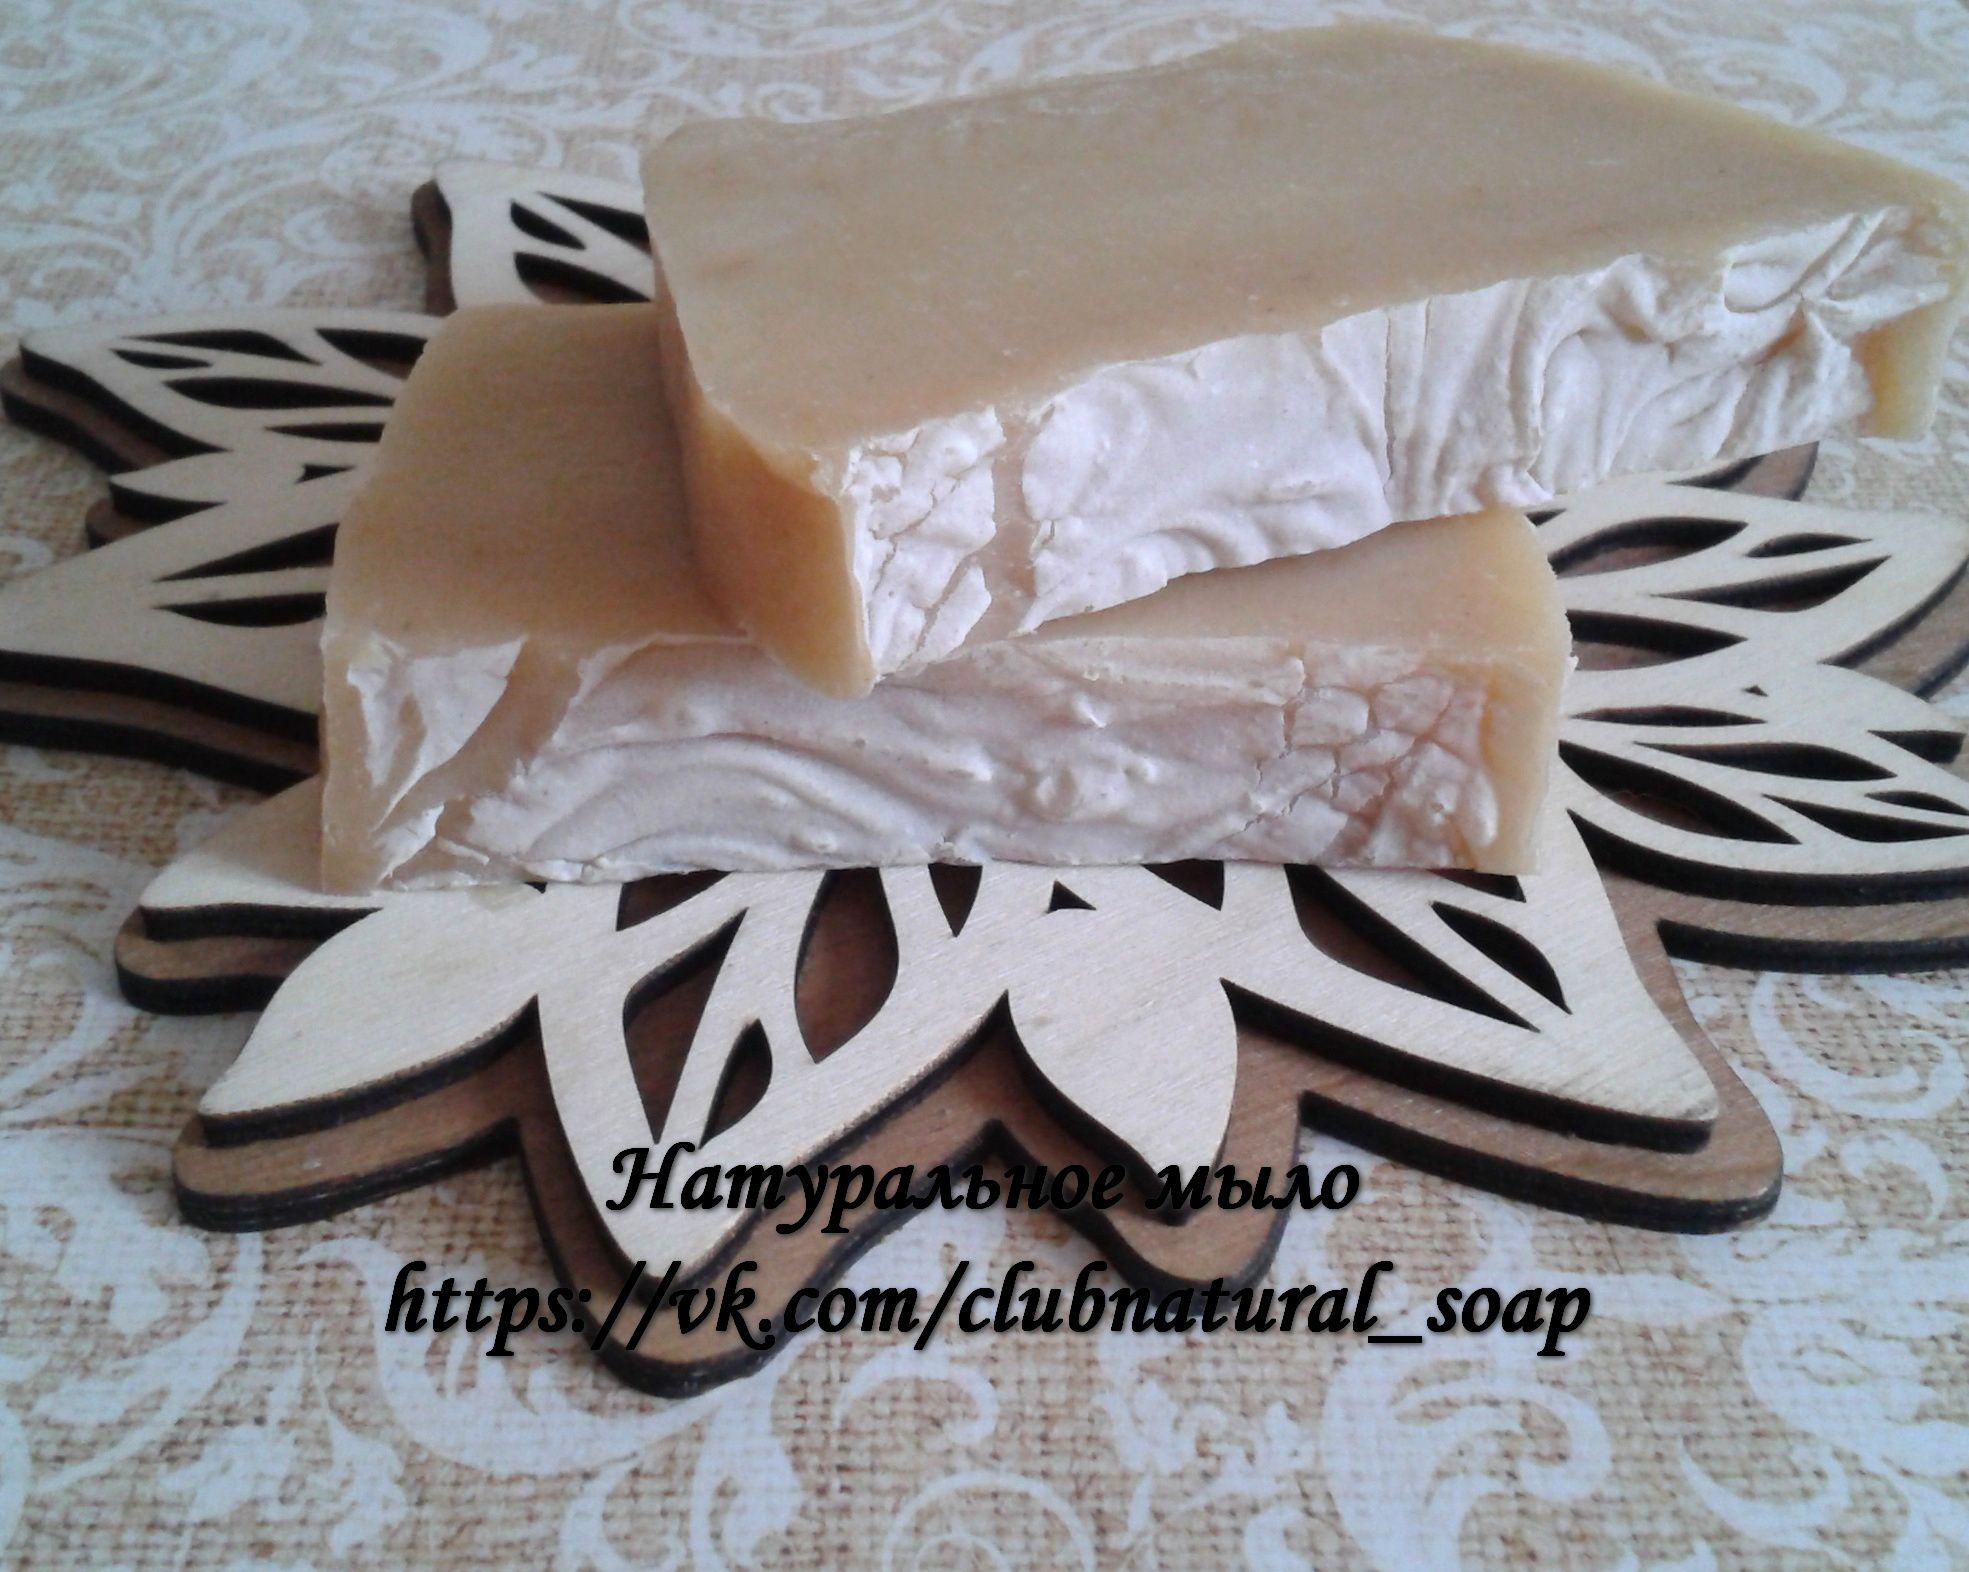 нулянатуральное отдушекбез с мылобез мыло красителейполезное мылодорожное мылохорошее мылов поездку